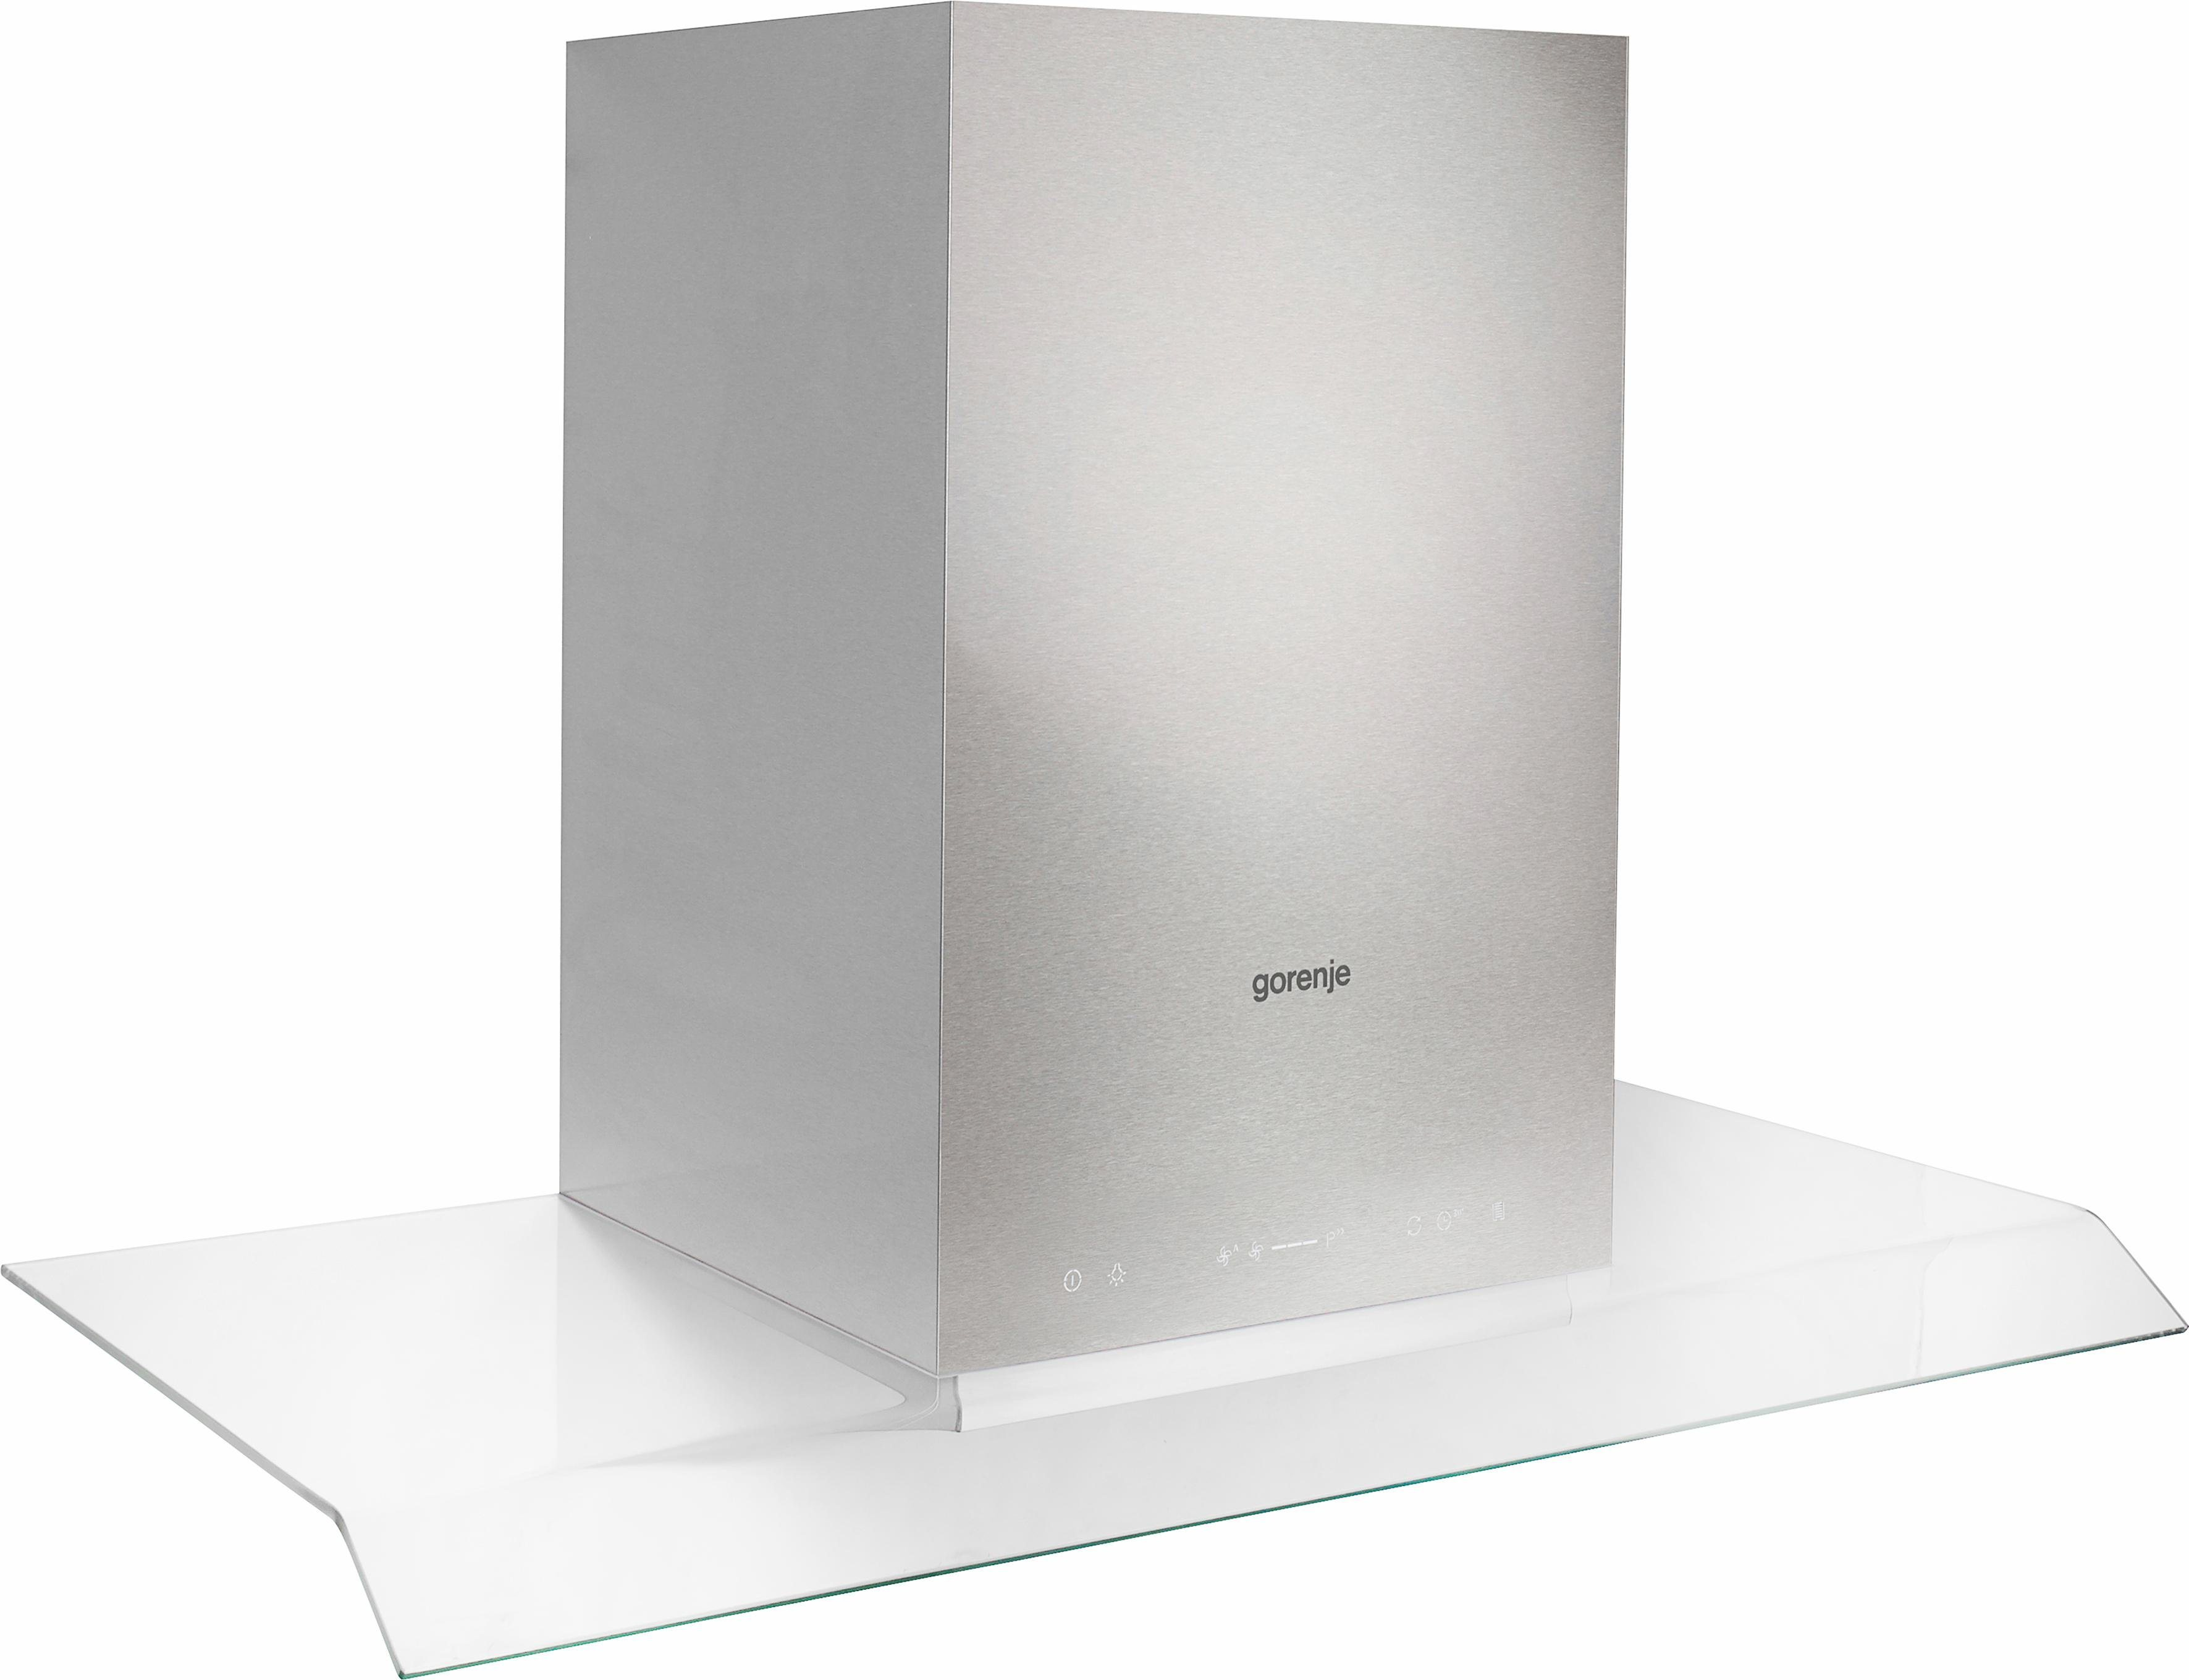 Gorenje Kühlschrank Lichtschalter : Gorenje dunstabzugshaube preisvergleich u2022 die besten angebote online